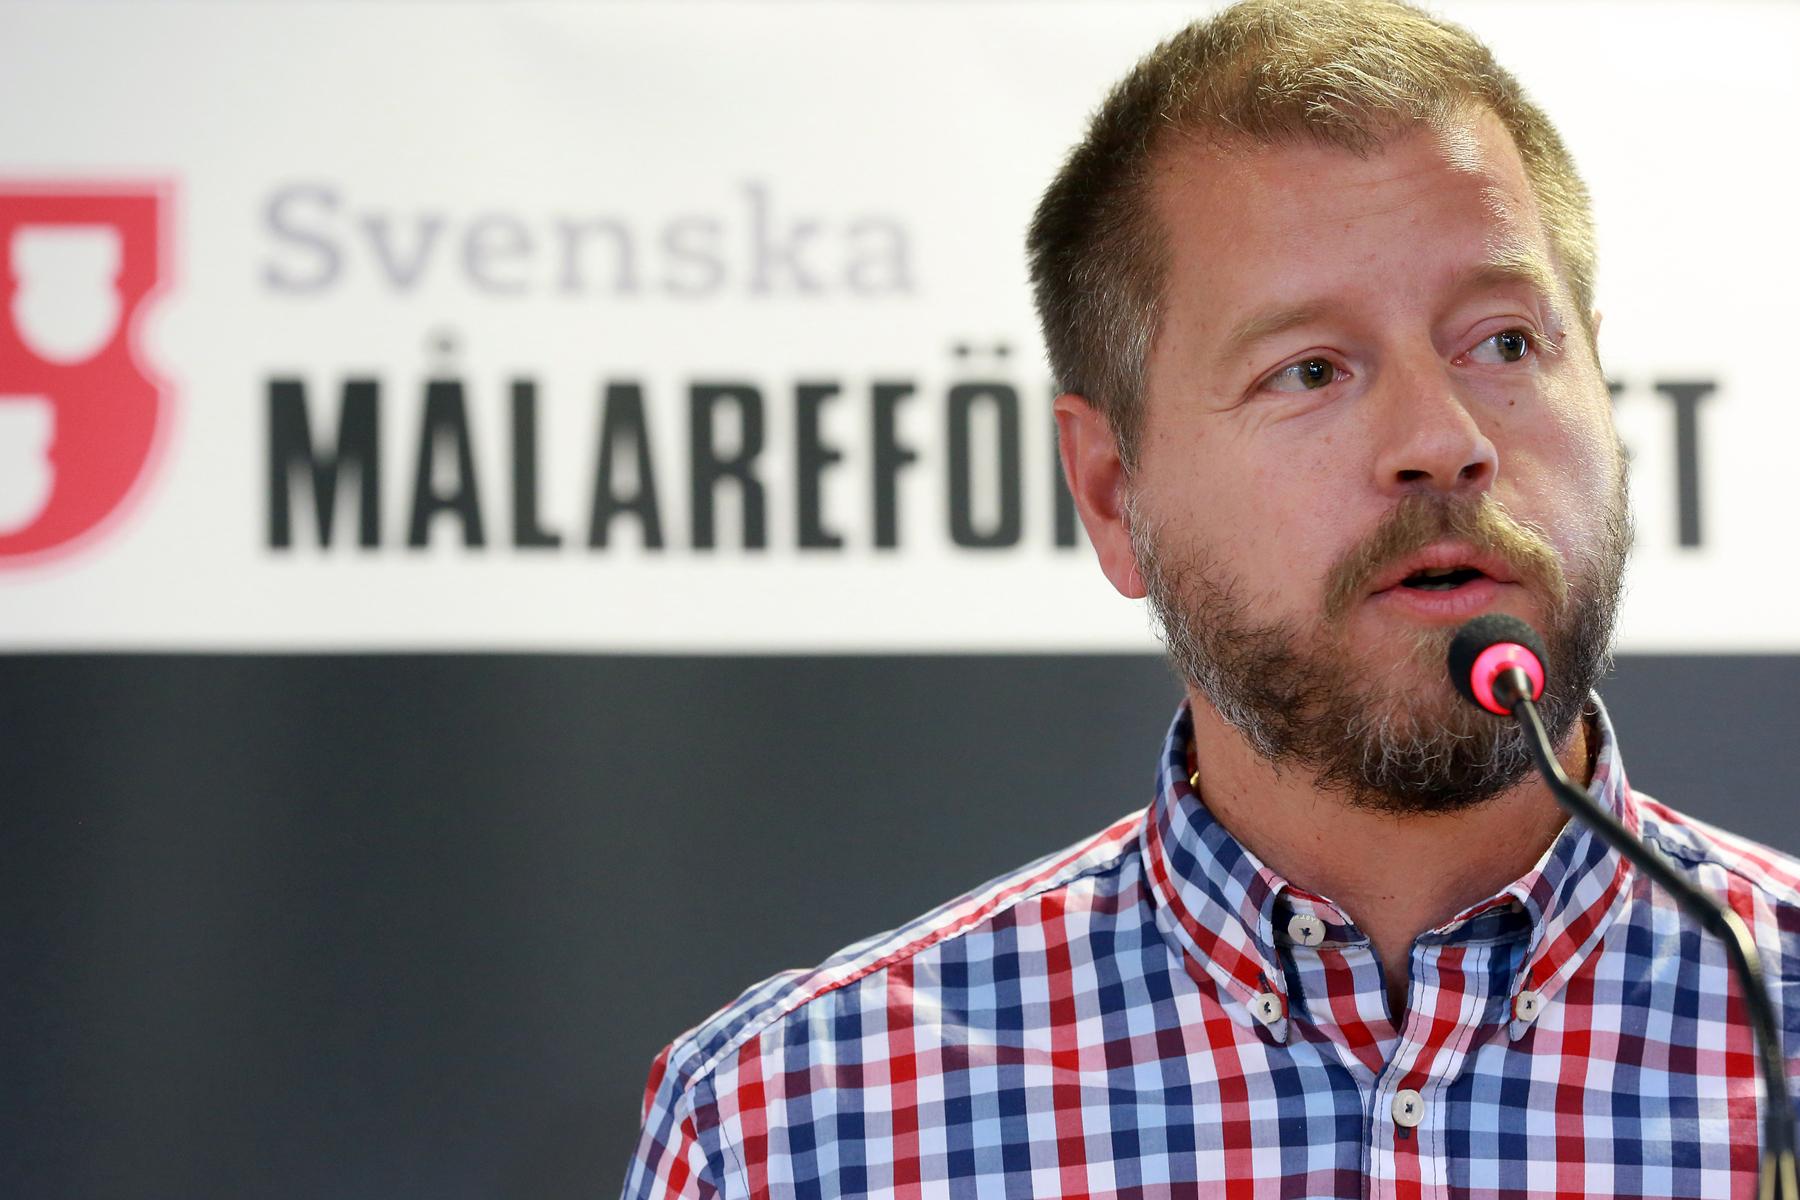 Målarnas förhandlingschef Peter Sjöstrand. Foto: Tomas Nyberg